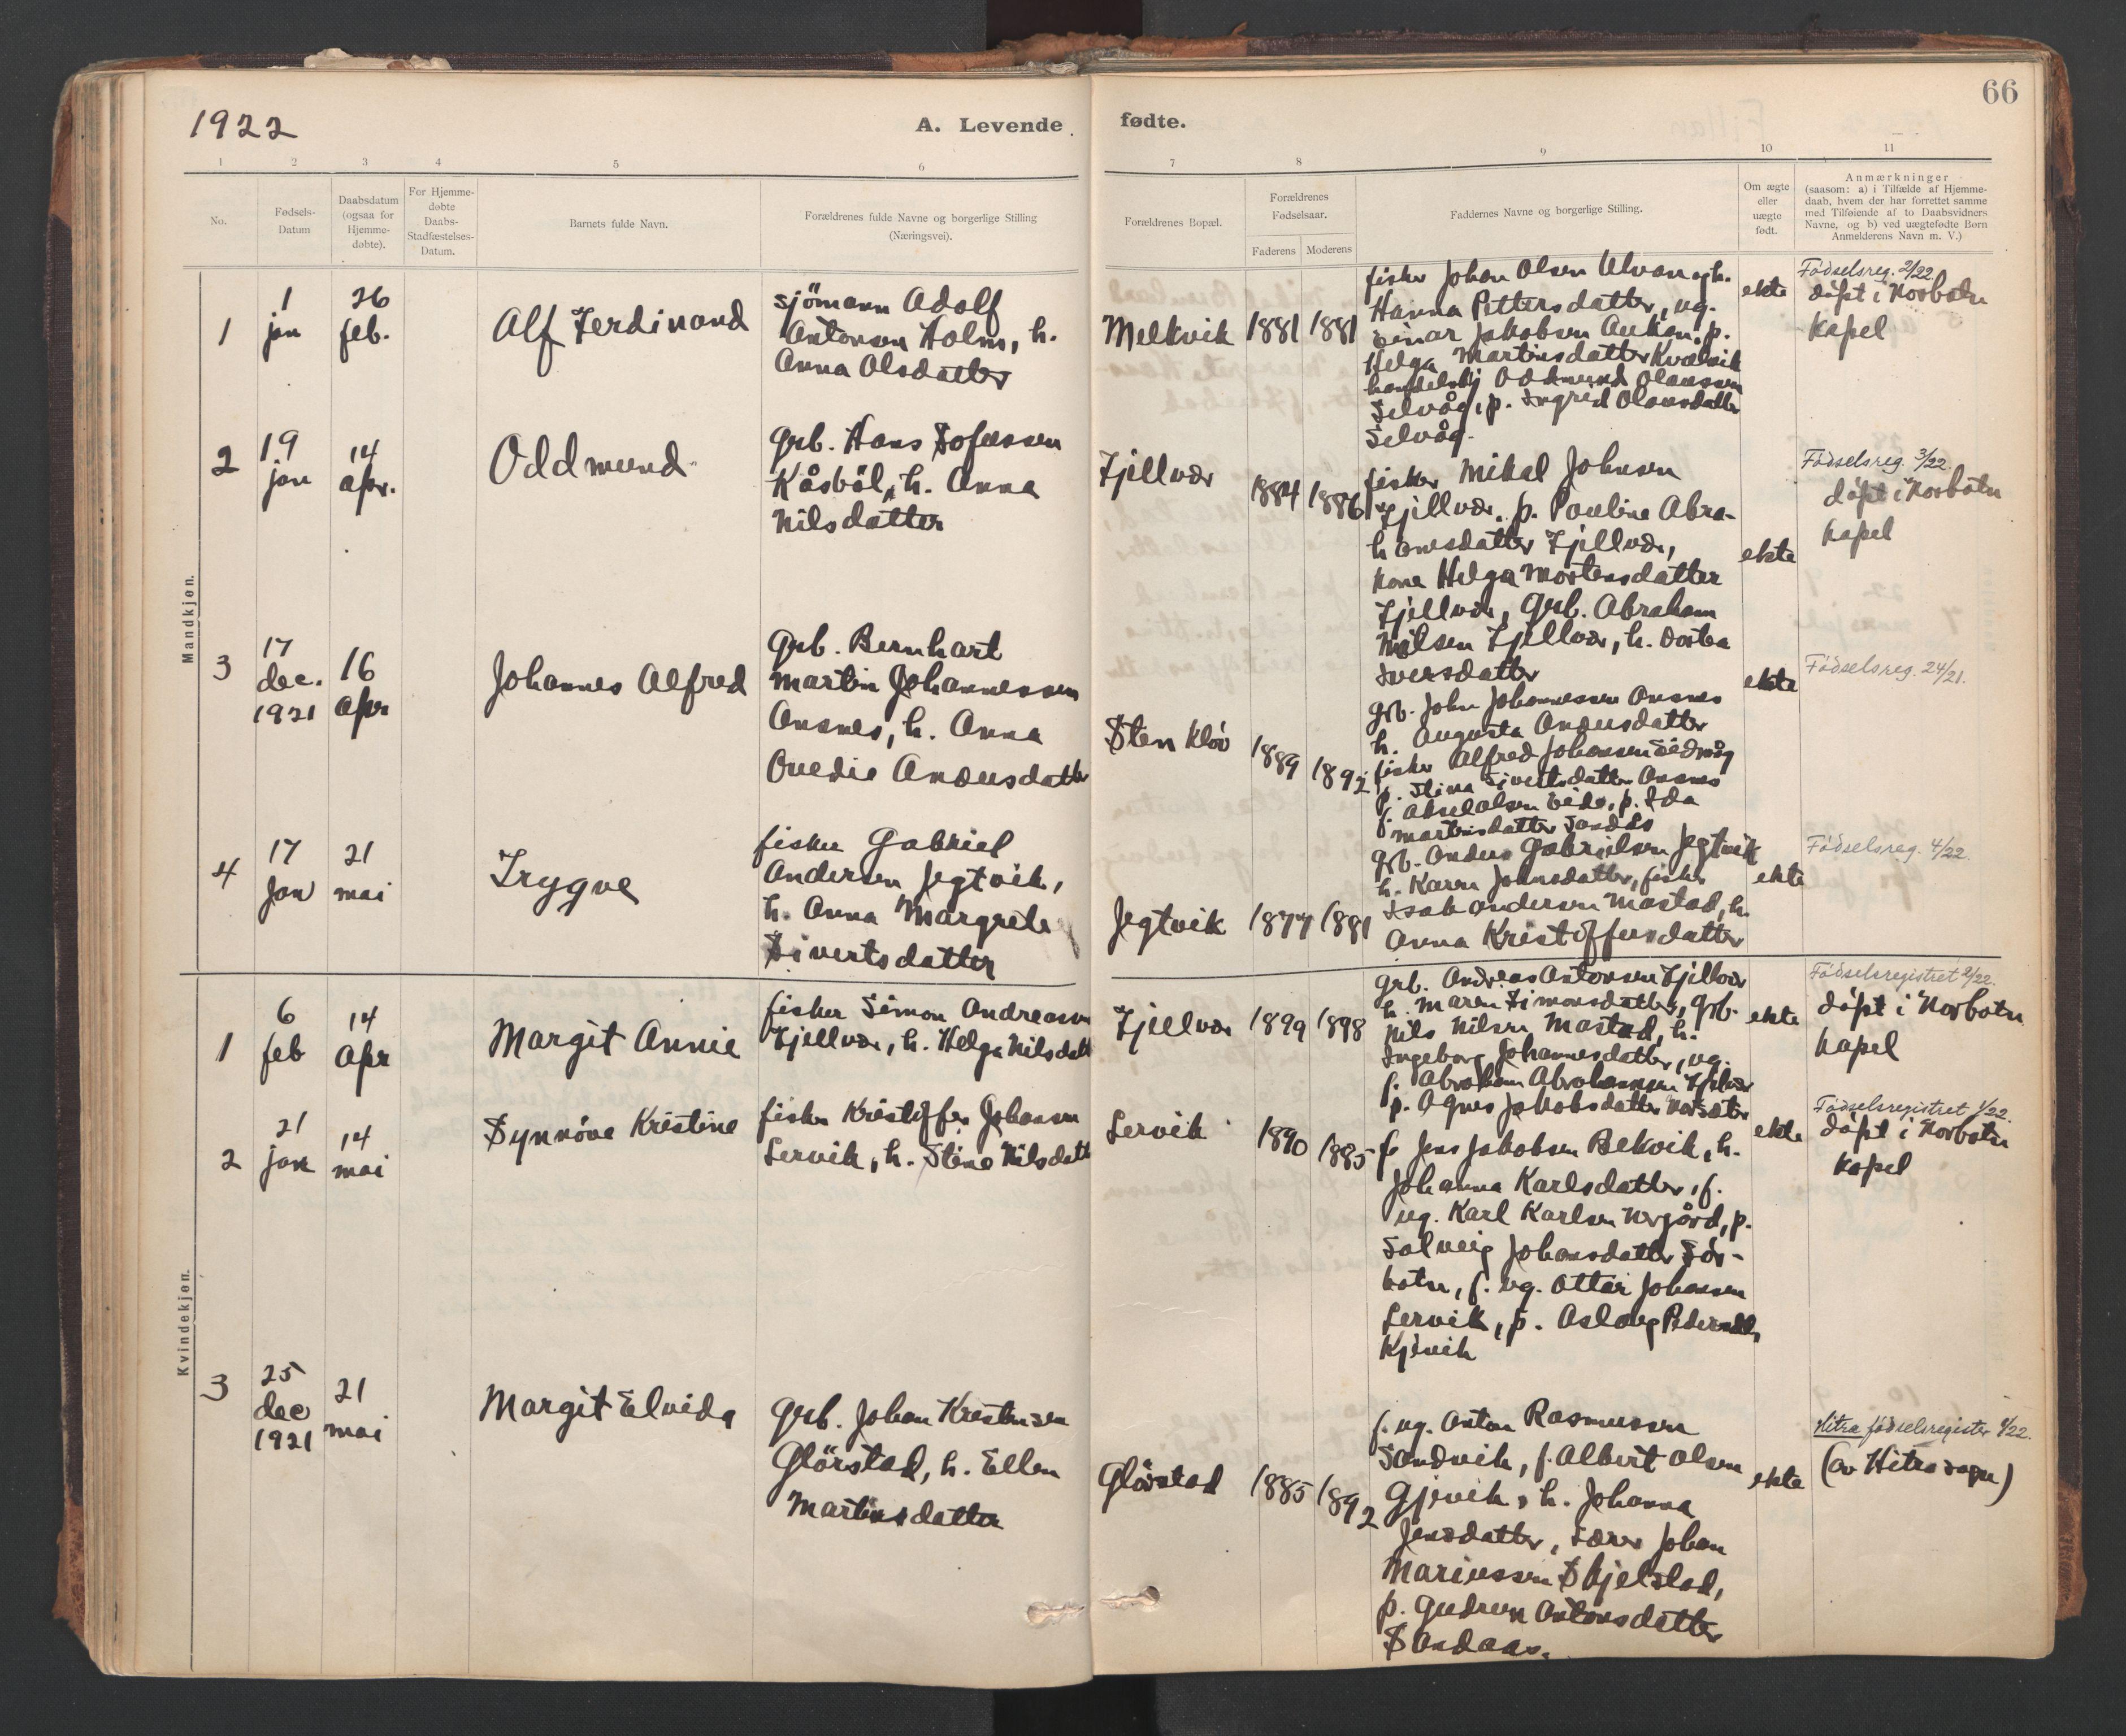 SAT, Ministerialprotokoller, klokkerbøker og fødselsregistre - Sør-Trøndelag, 637/L0559: Ministerialbok nr. 637A02, 1899-1923, s. 66